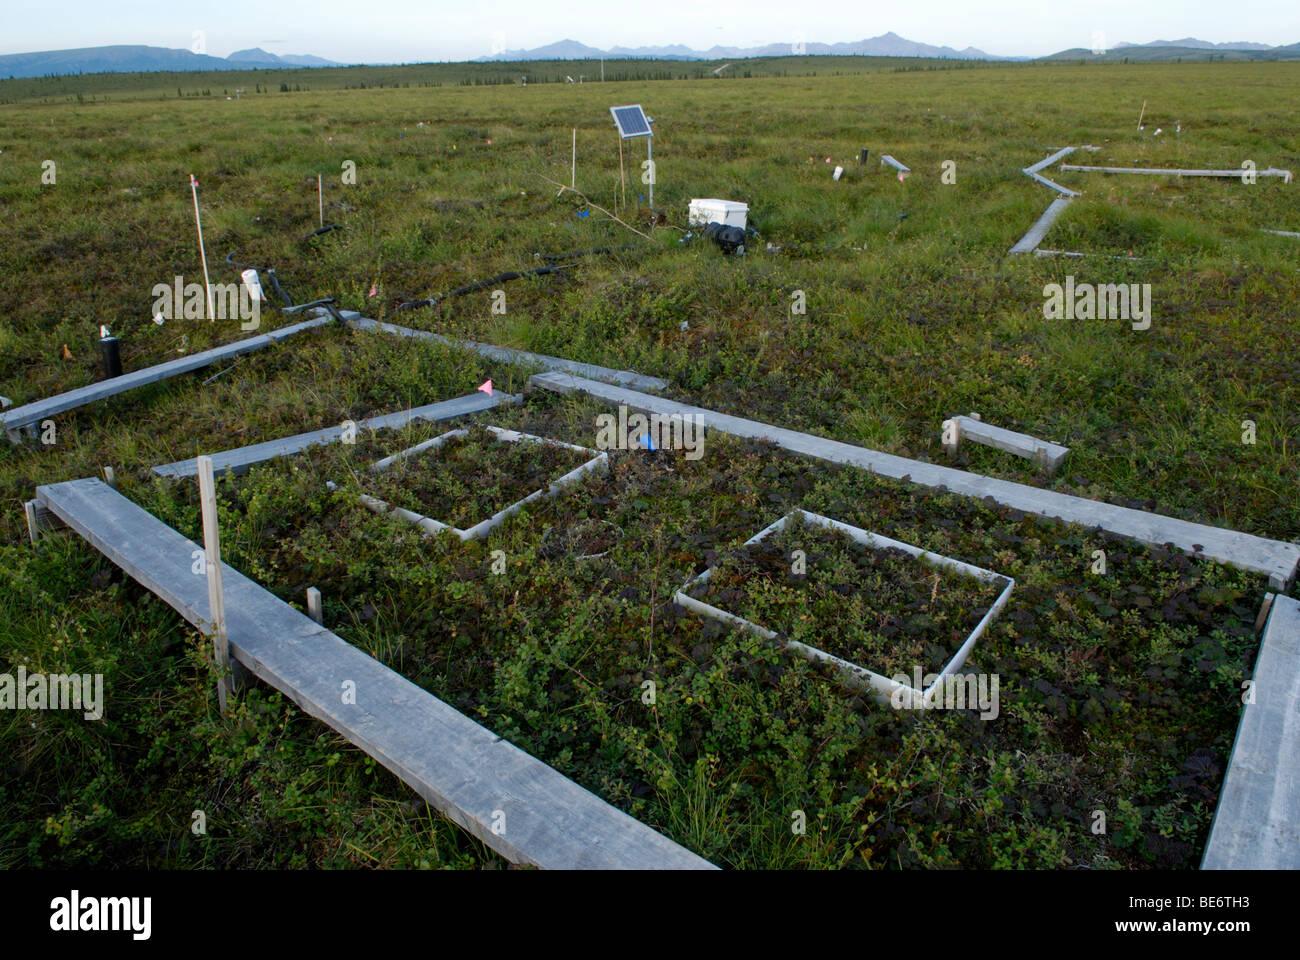 Ricerca sul cambiamento climatico sito, Alaska. Anidride carbonica da lo scongelamento del permafrost è misurata Immagini Stock